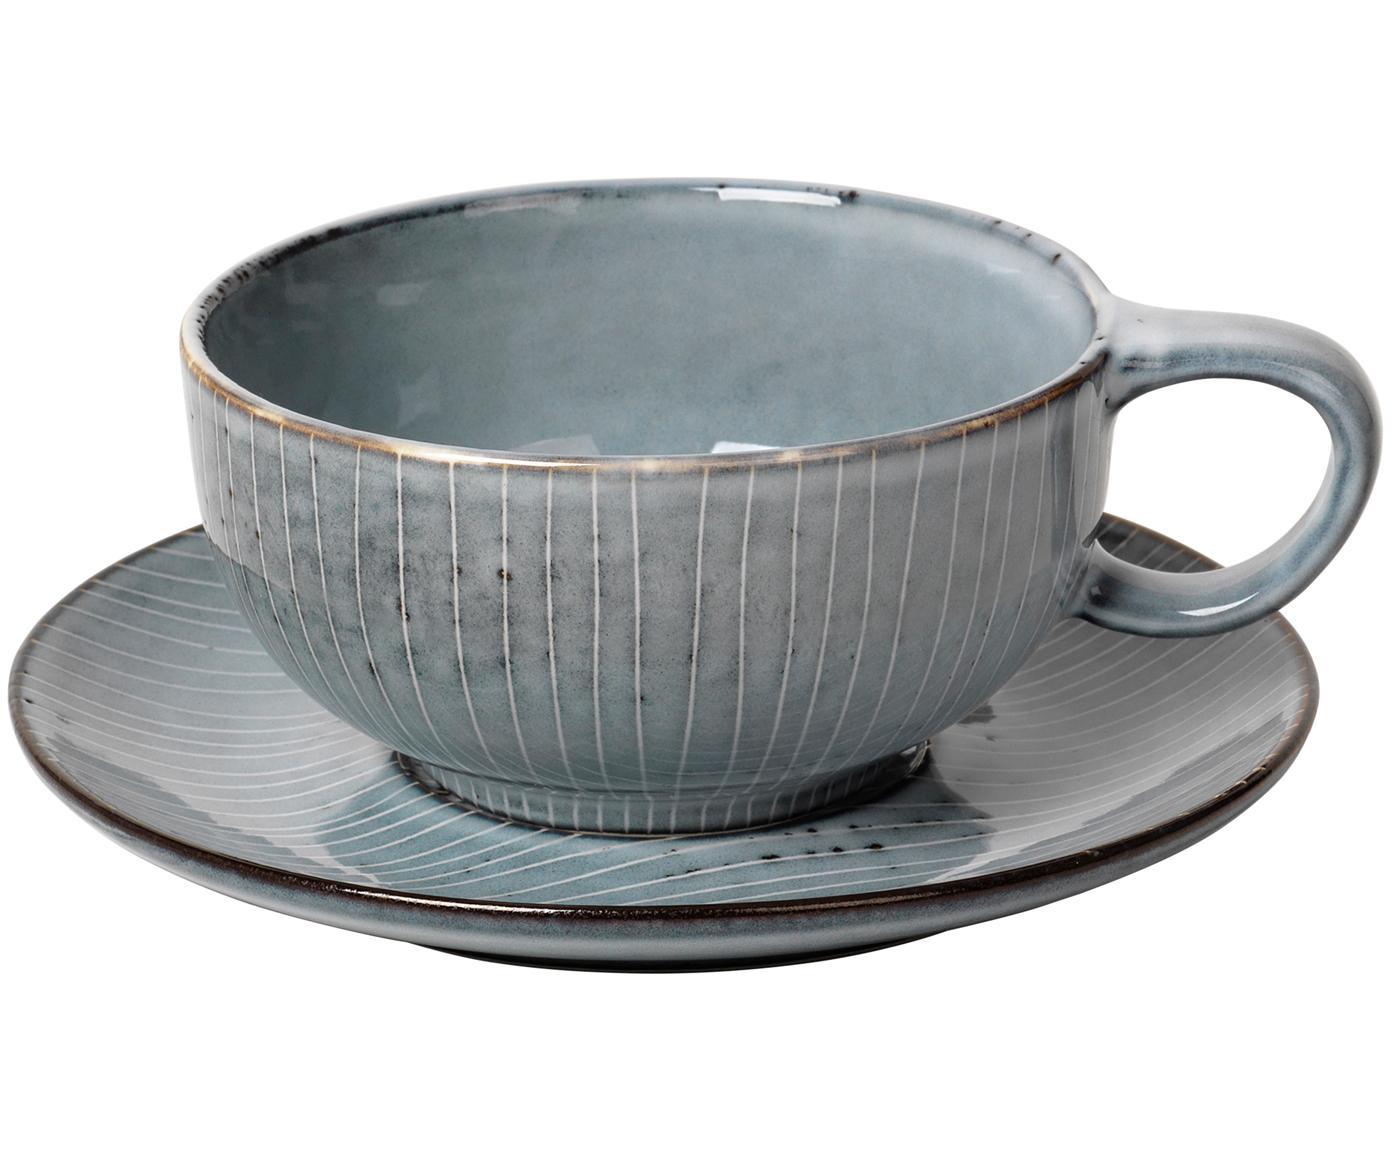 Handgemachte Tasse mit Untertasse Nordic Sea, Steingut, Grau- und Blautöne, Ø 11 x H 5 cm